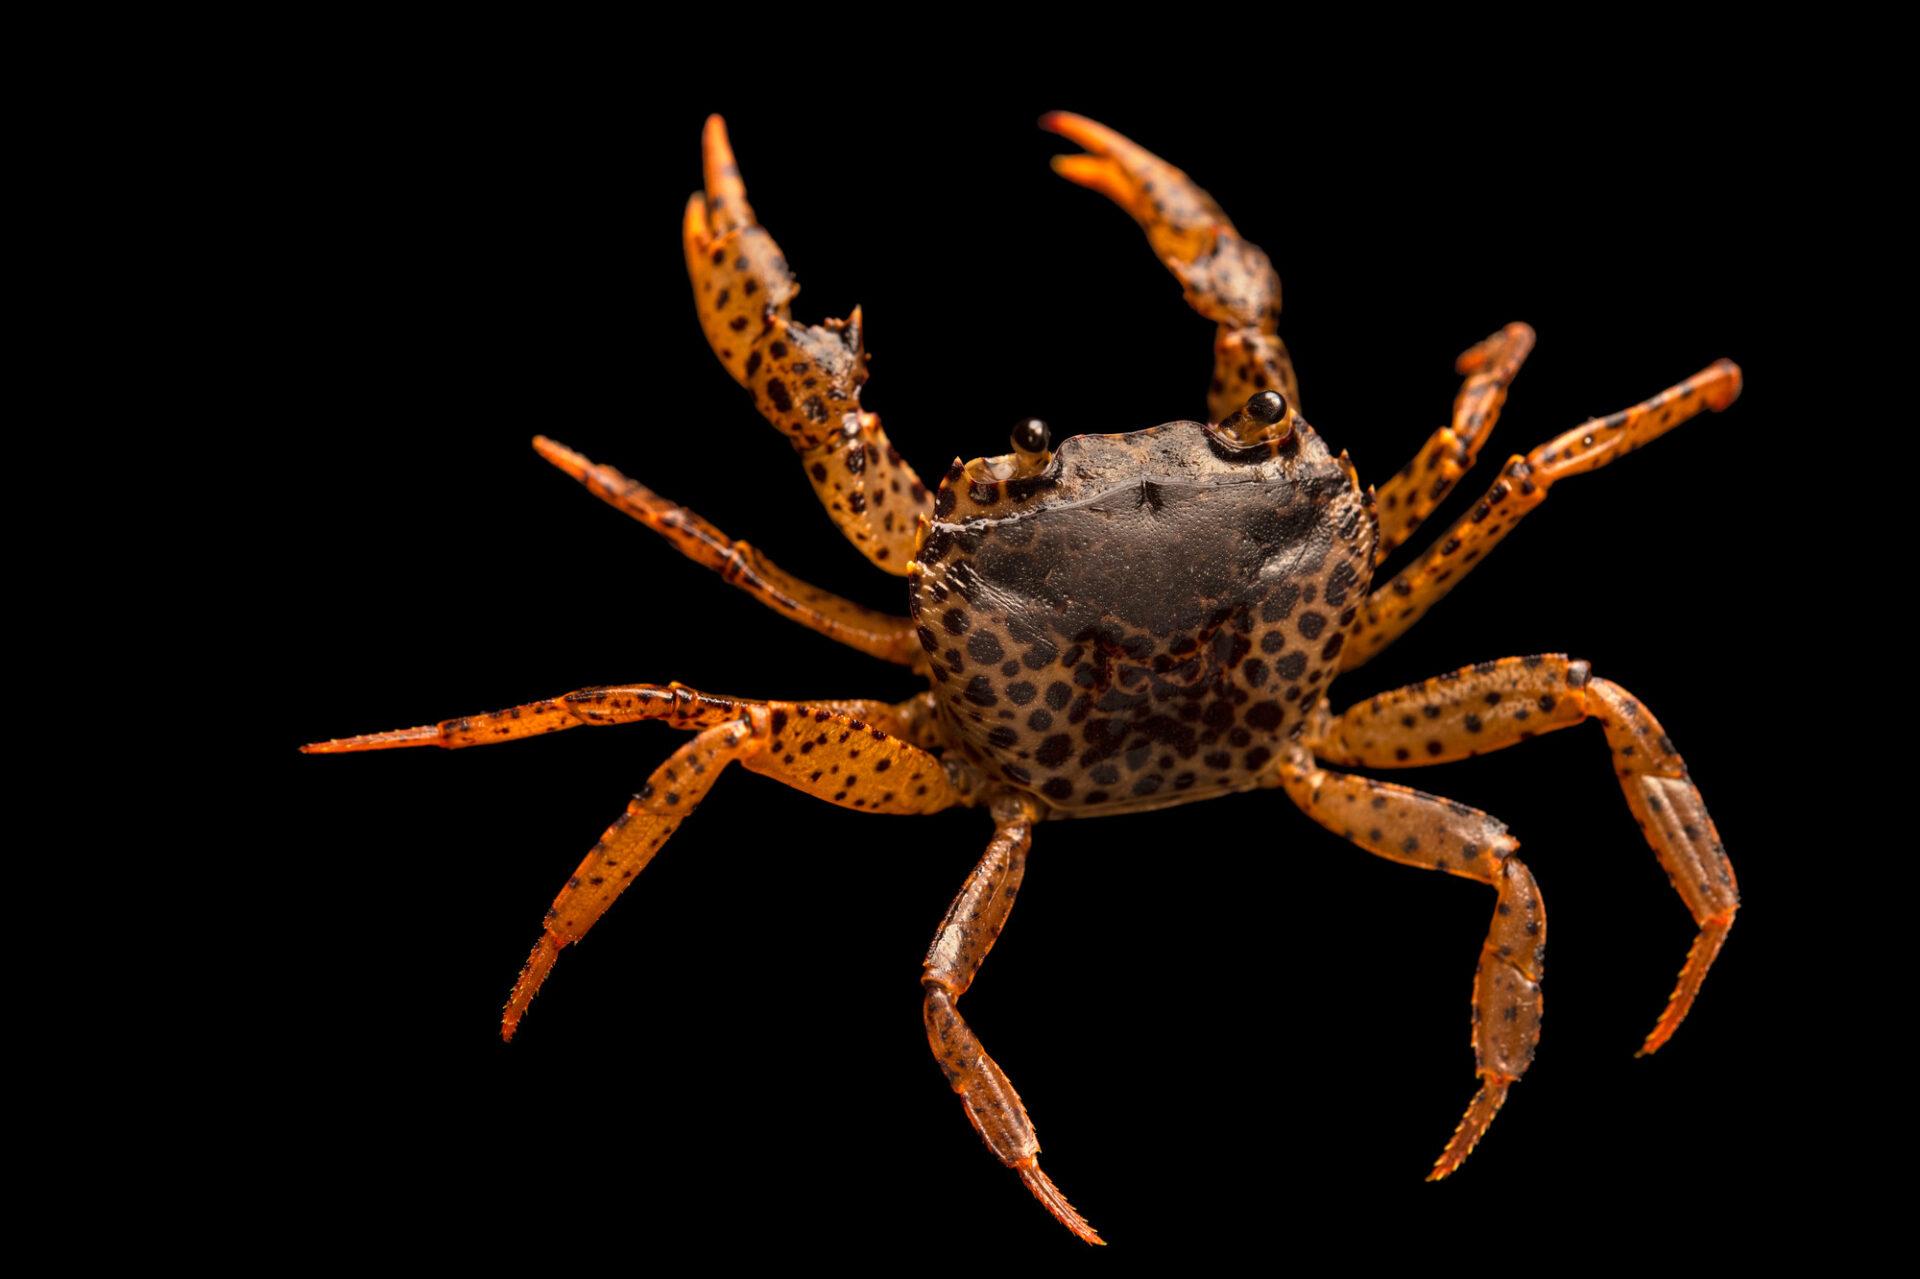 Photo: An endangered panther crab (Parathelphusa pantherina) at Petra Aqua.